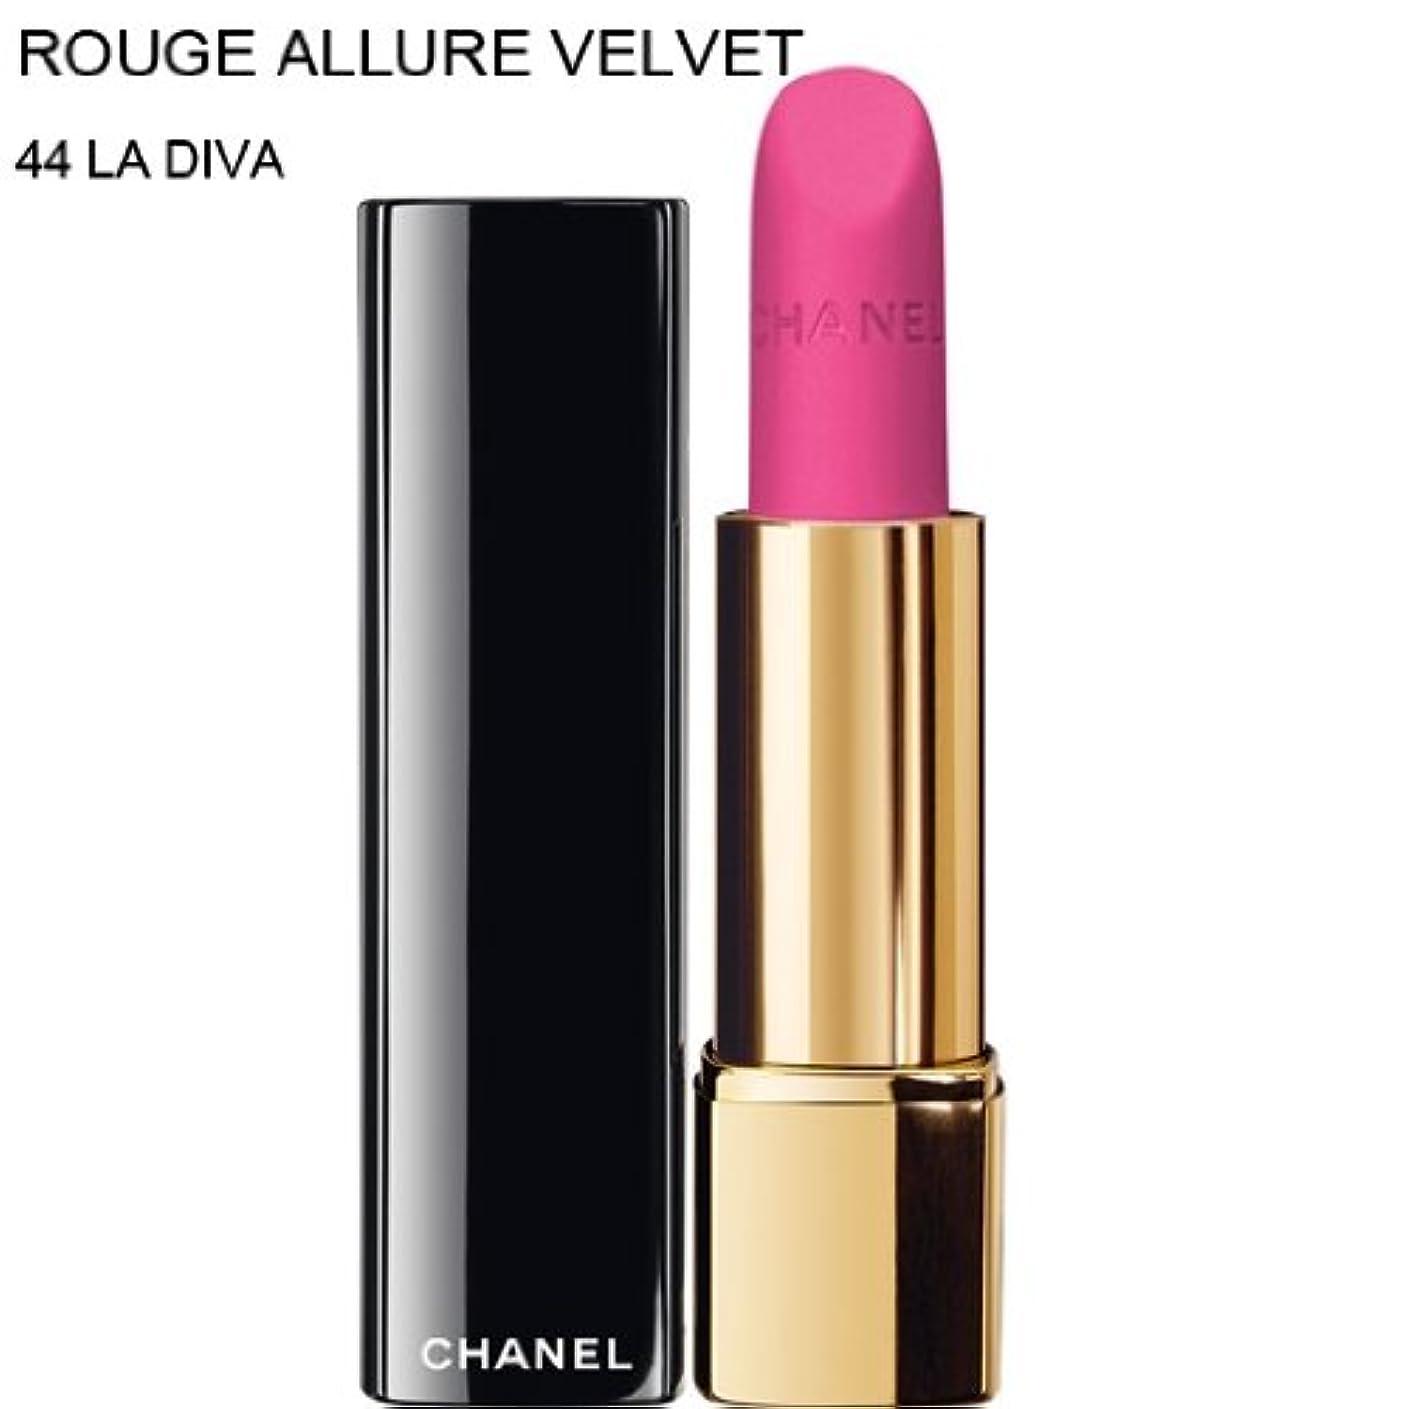 生き残ります話適応的CHANEL-Lipstick ROUGE ALLURE VELVET (44 LA DIVA)